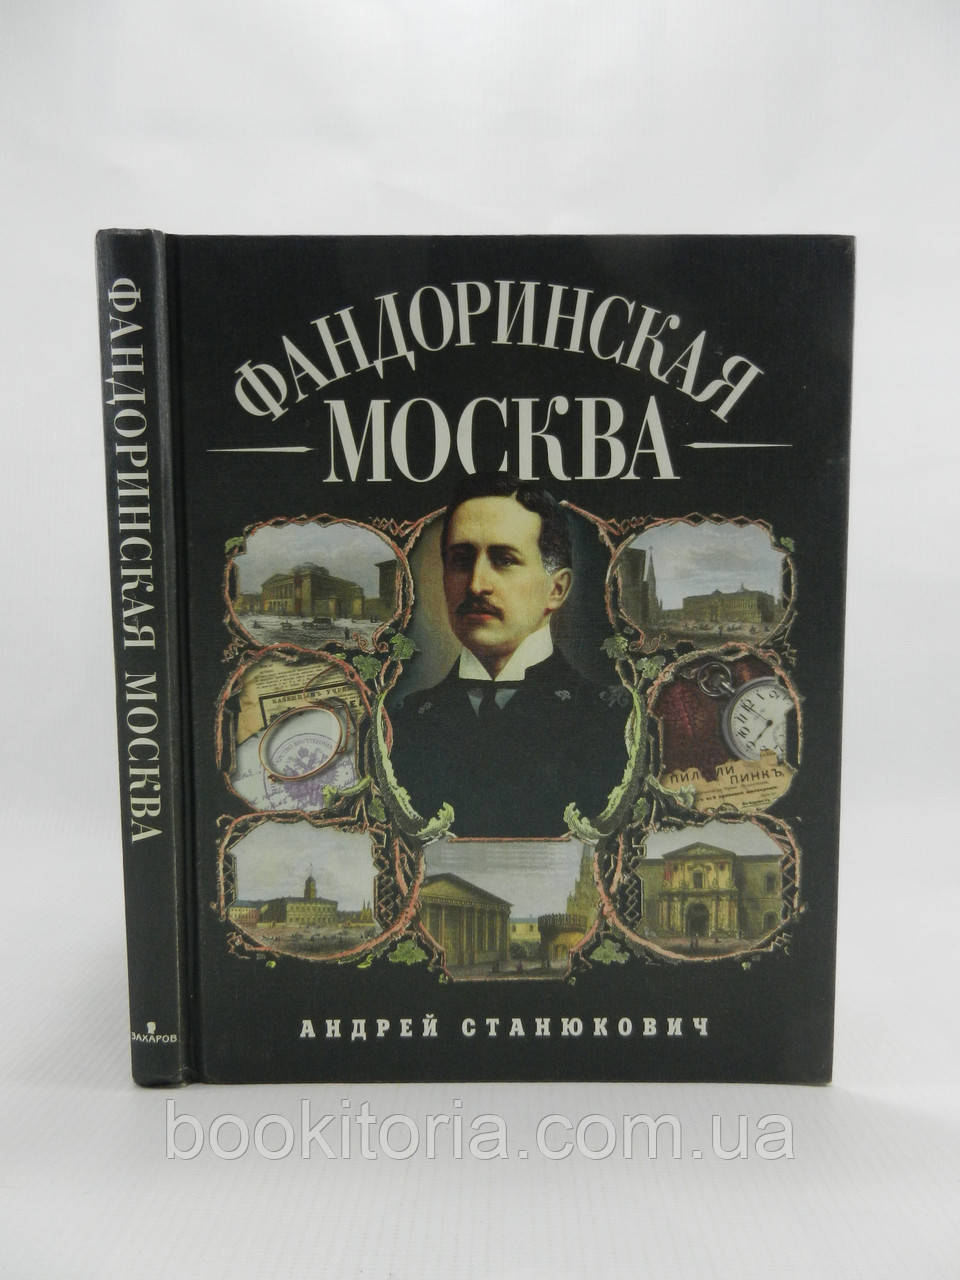 Станюкович А. Фандоринская Москва (б/у).